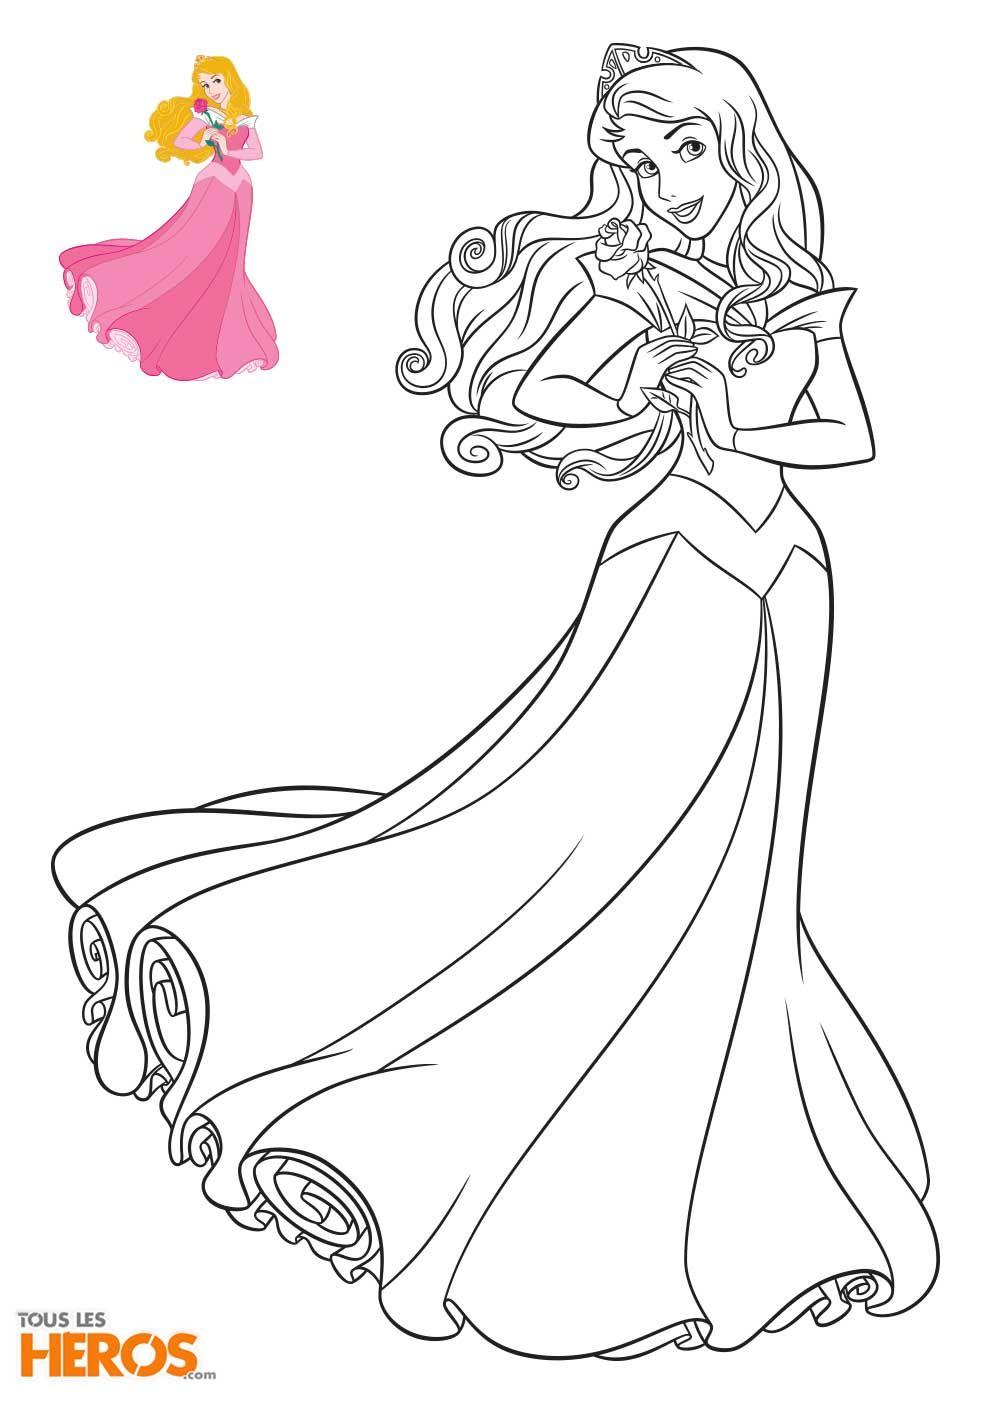 Cette semaine, Tous les Héros vous propose d'imprimer 5 nouveaux coloriages Disney Princesses ...